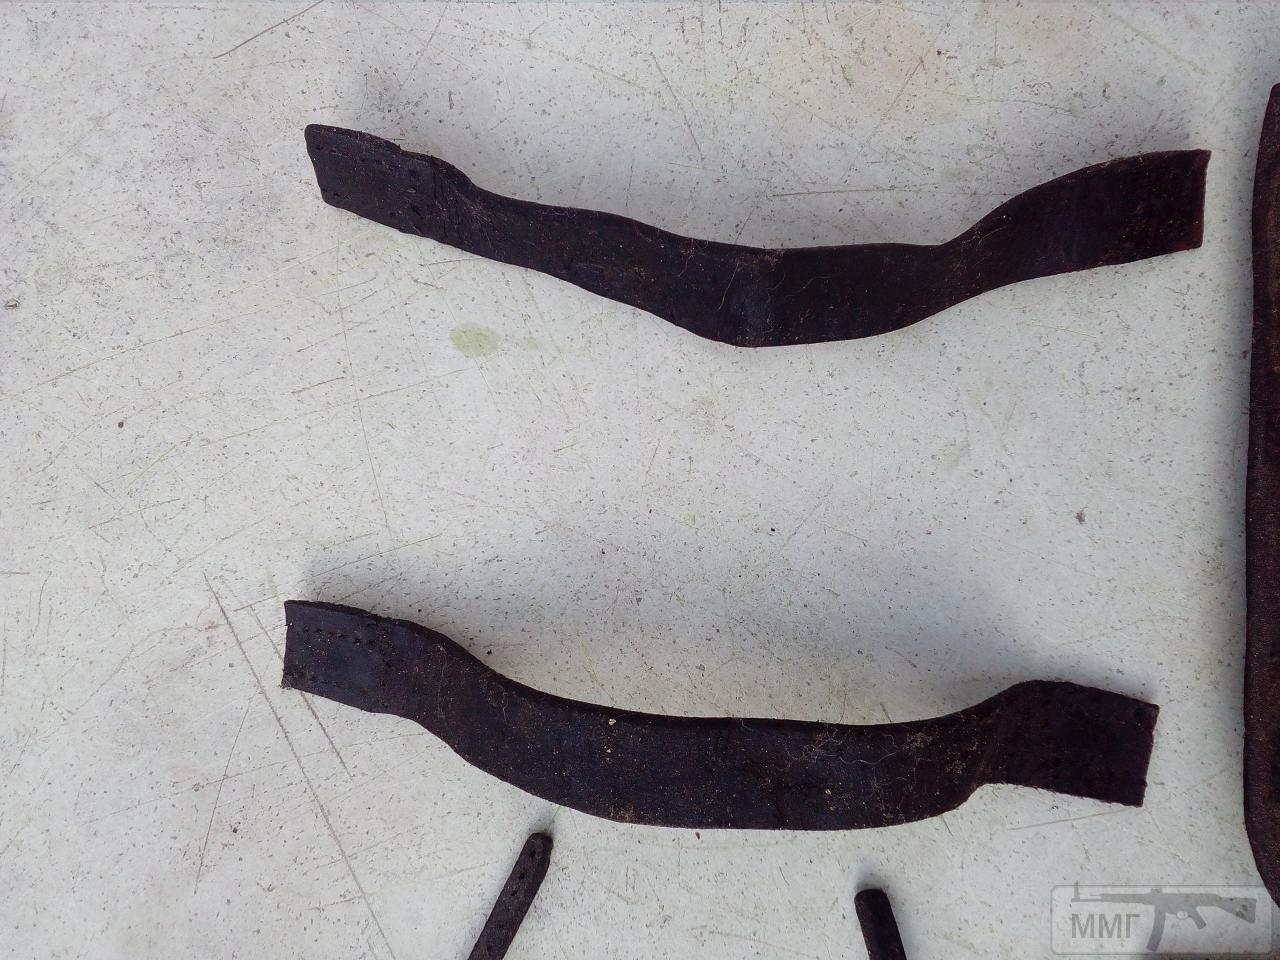 28357 - Чехол для лопаты